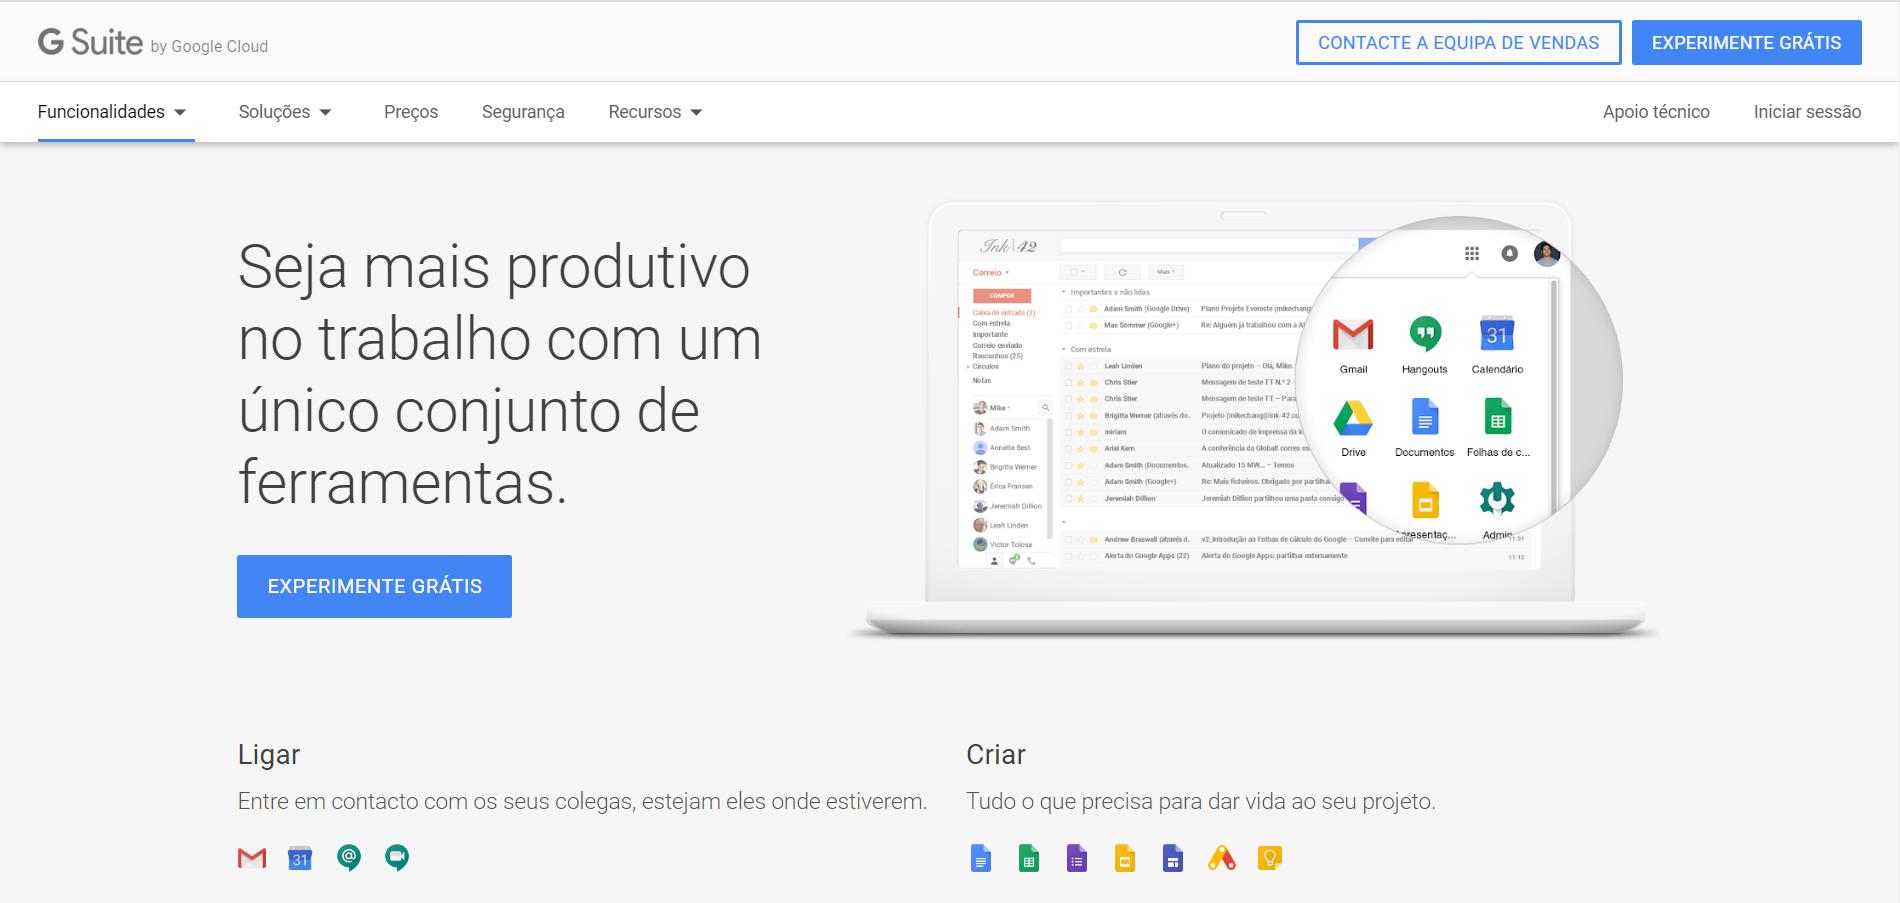 13 Ferramentas do Google Que Todo o Website Deve Usar 6